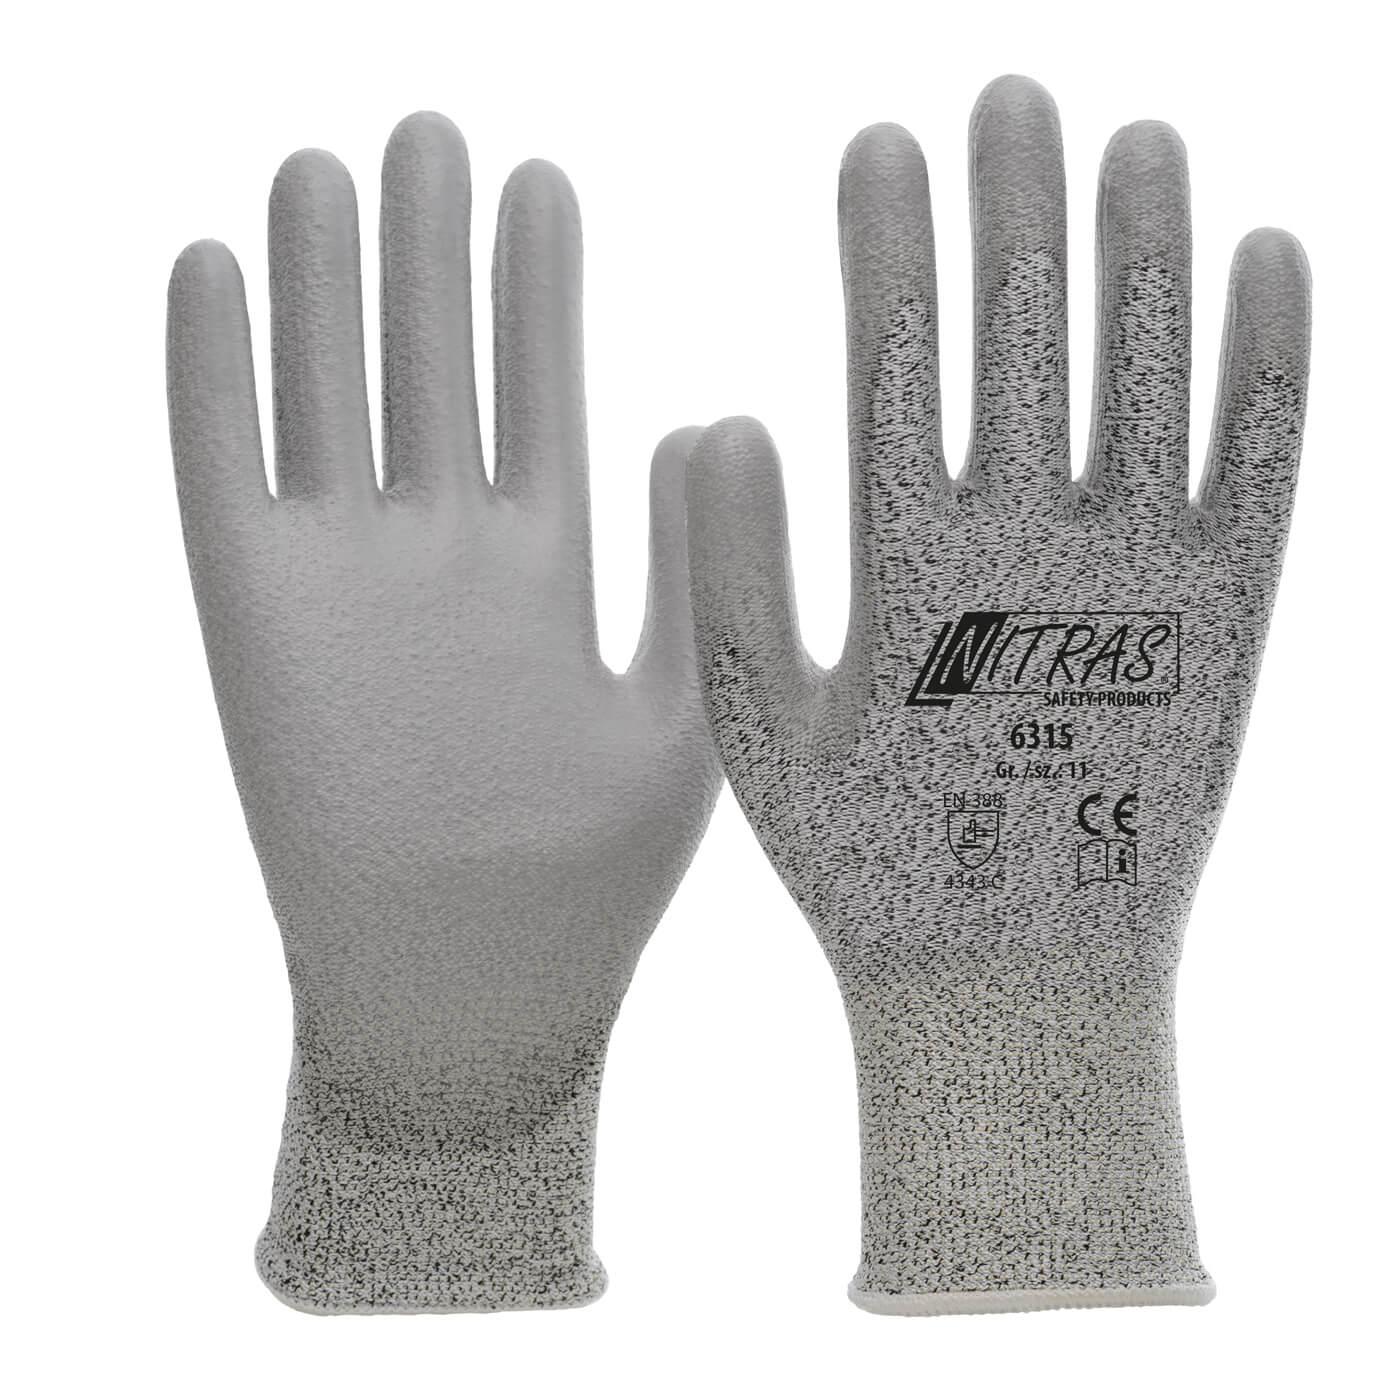 Rękawice antyprzecięciowe Nitras 6315